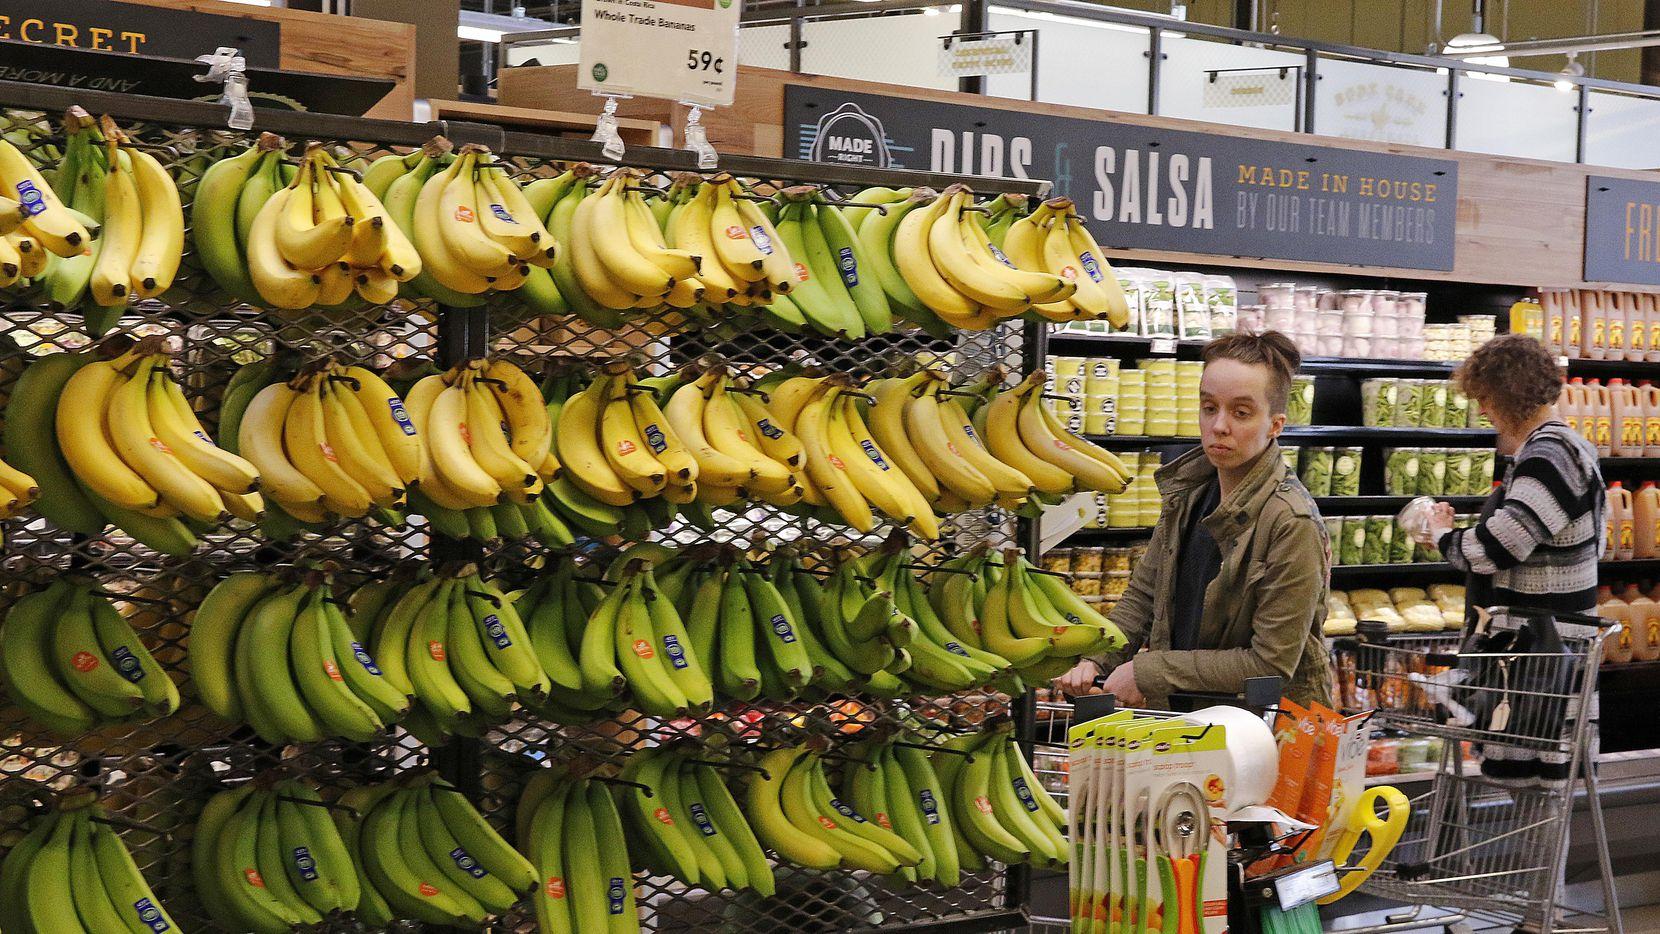 La sección de frutas y verduras de un mercado Whole Foods.(AP)